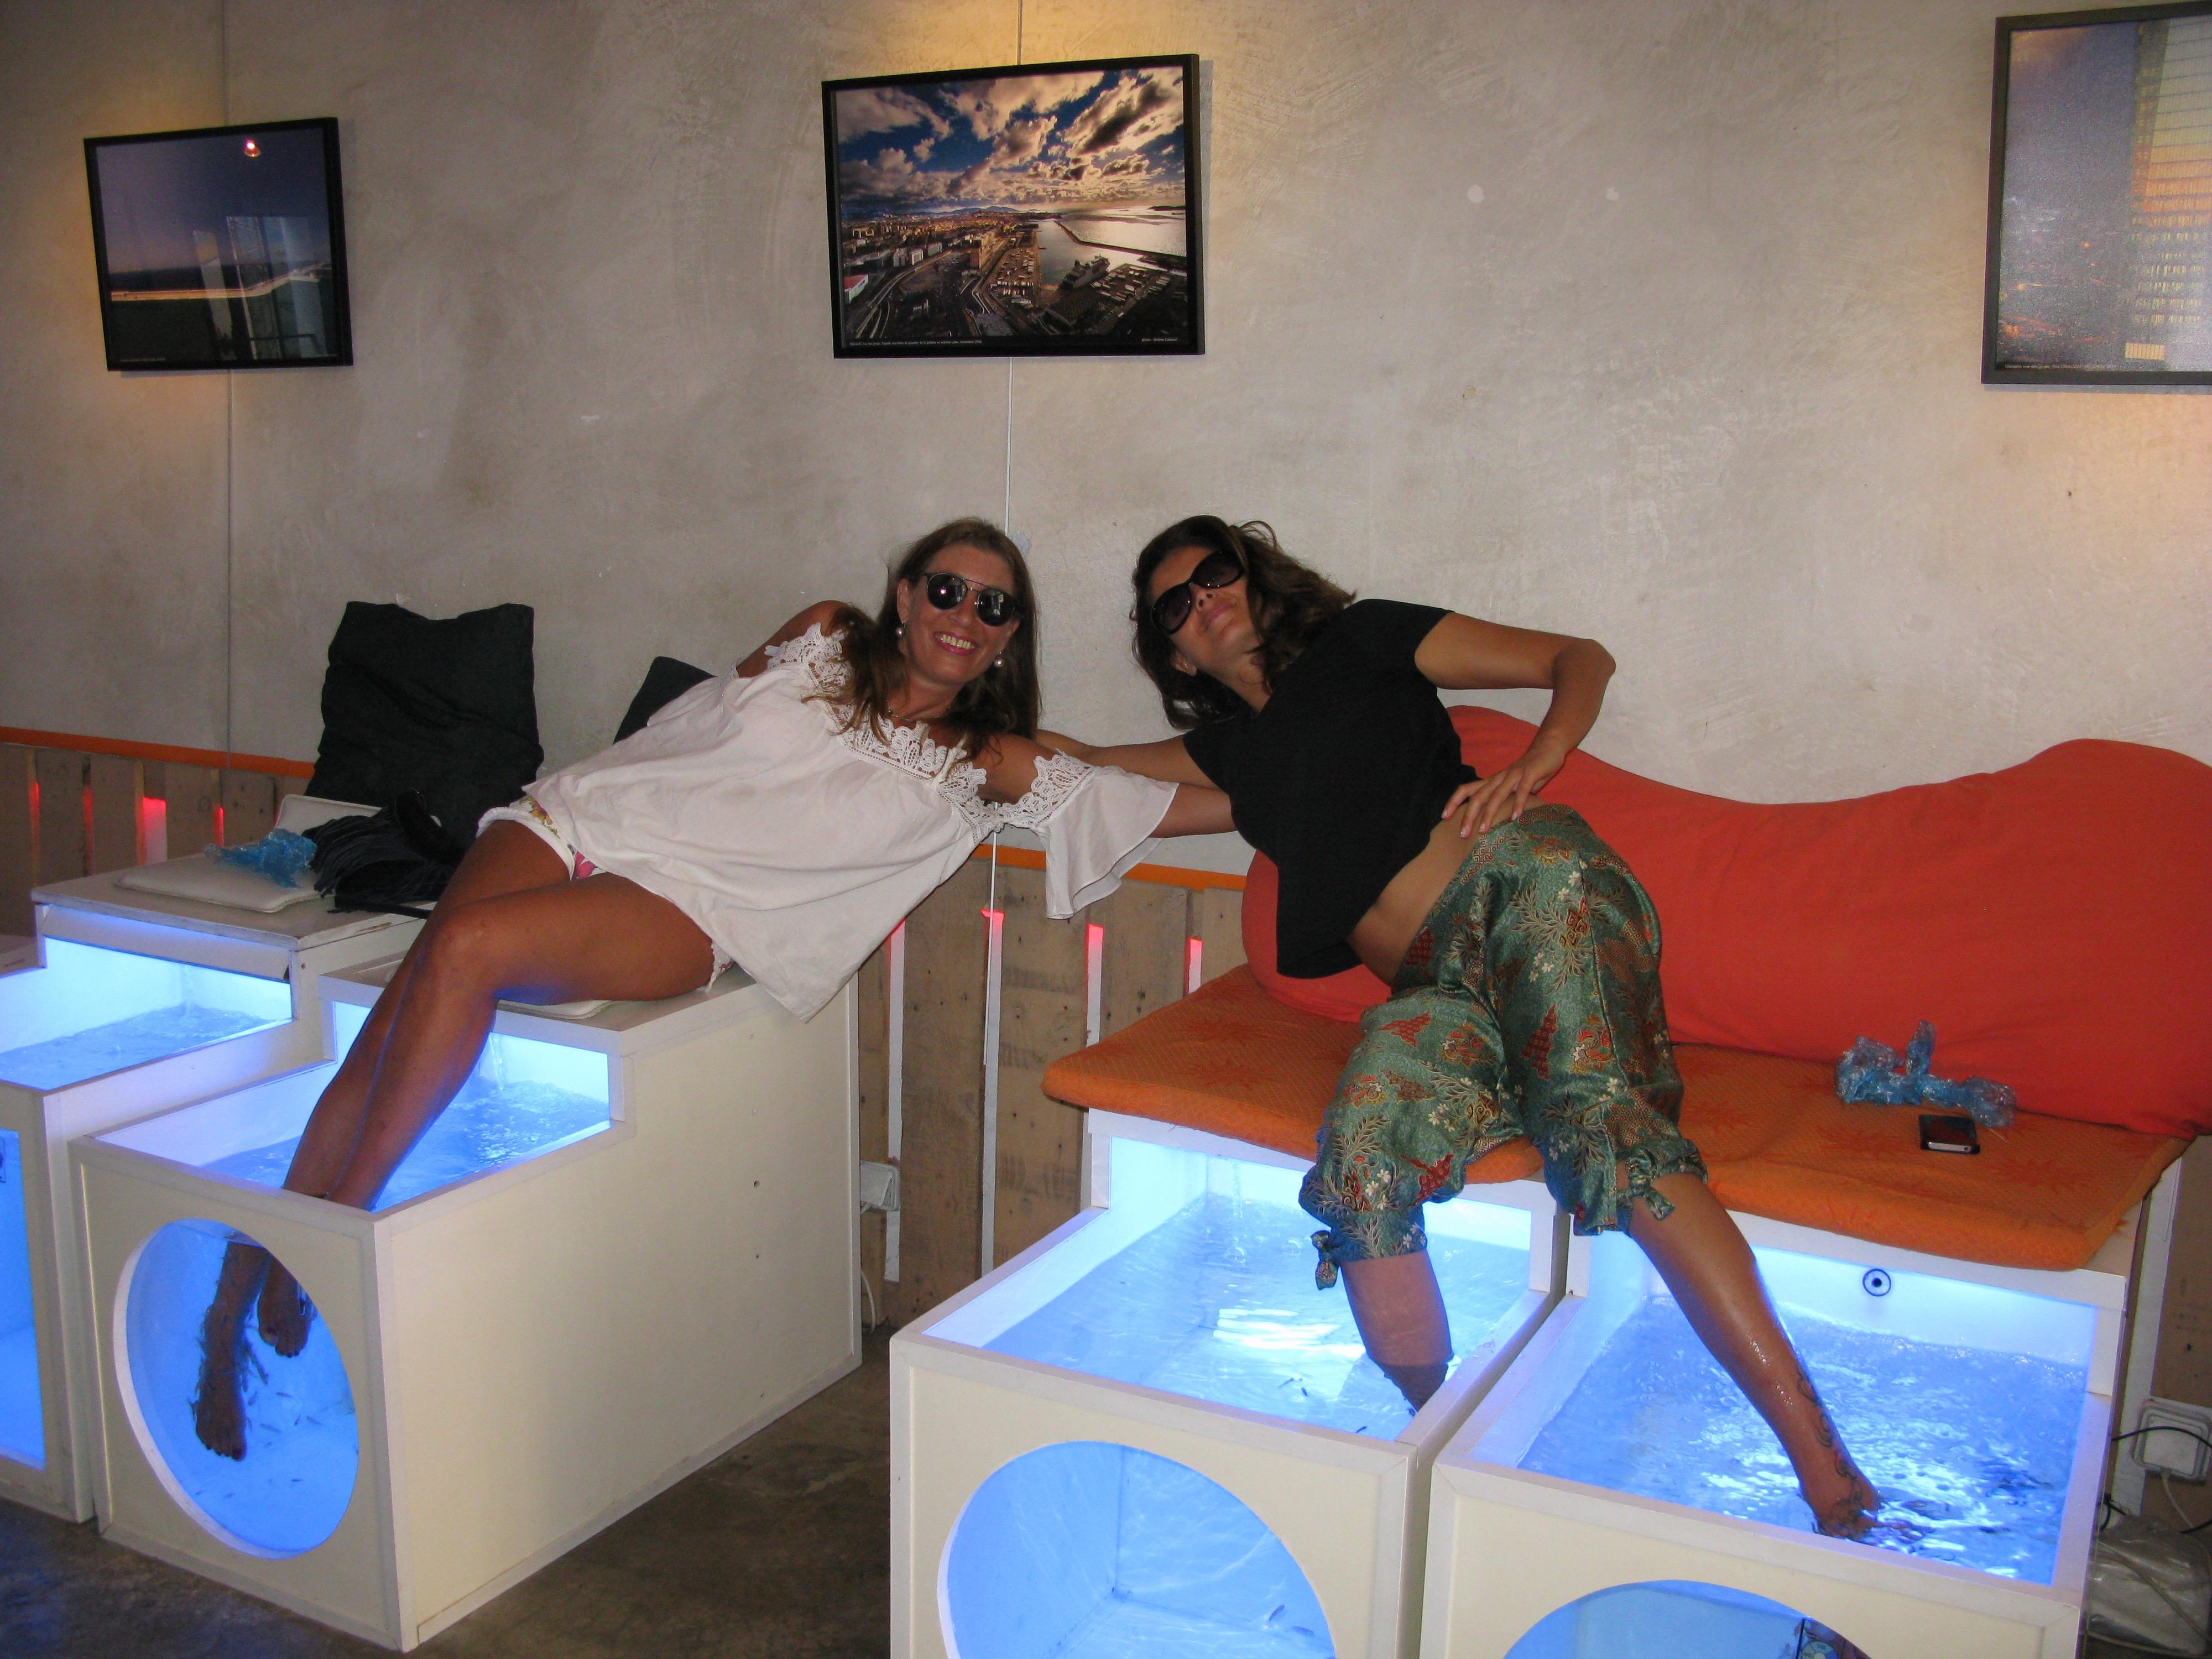 la boutique cosy moment fish spa moment fish spa. Black Bedroom Furniture Sets. Home Design Ideas